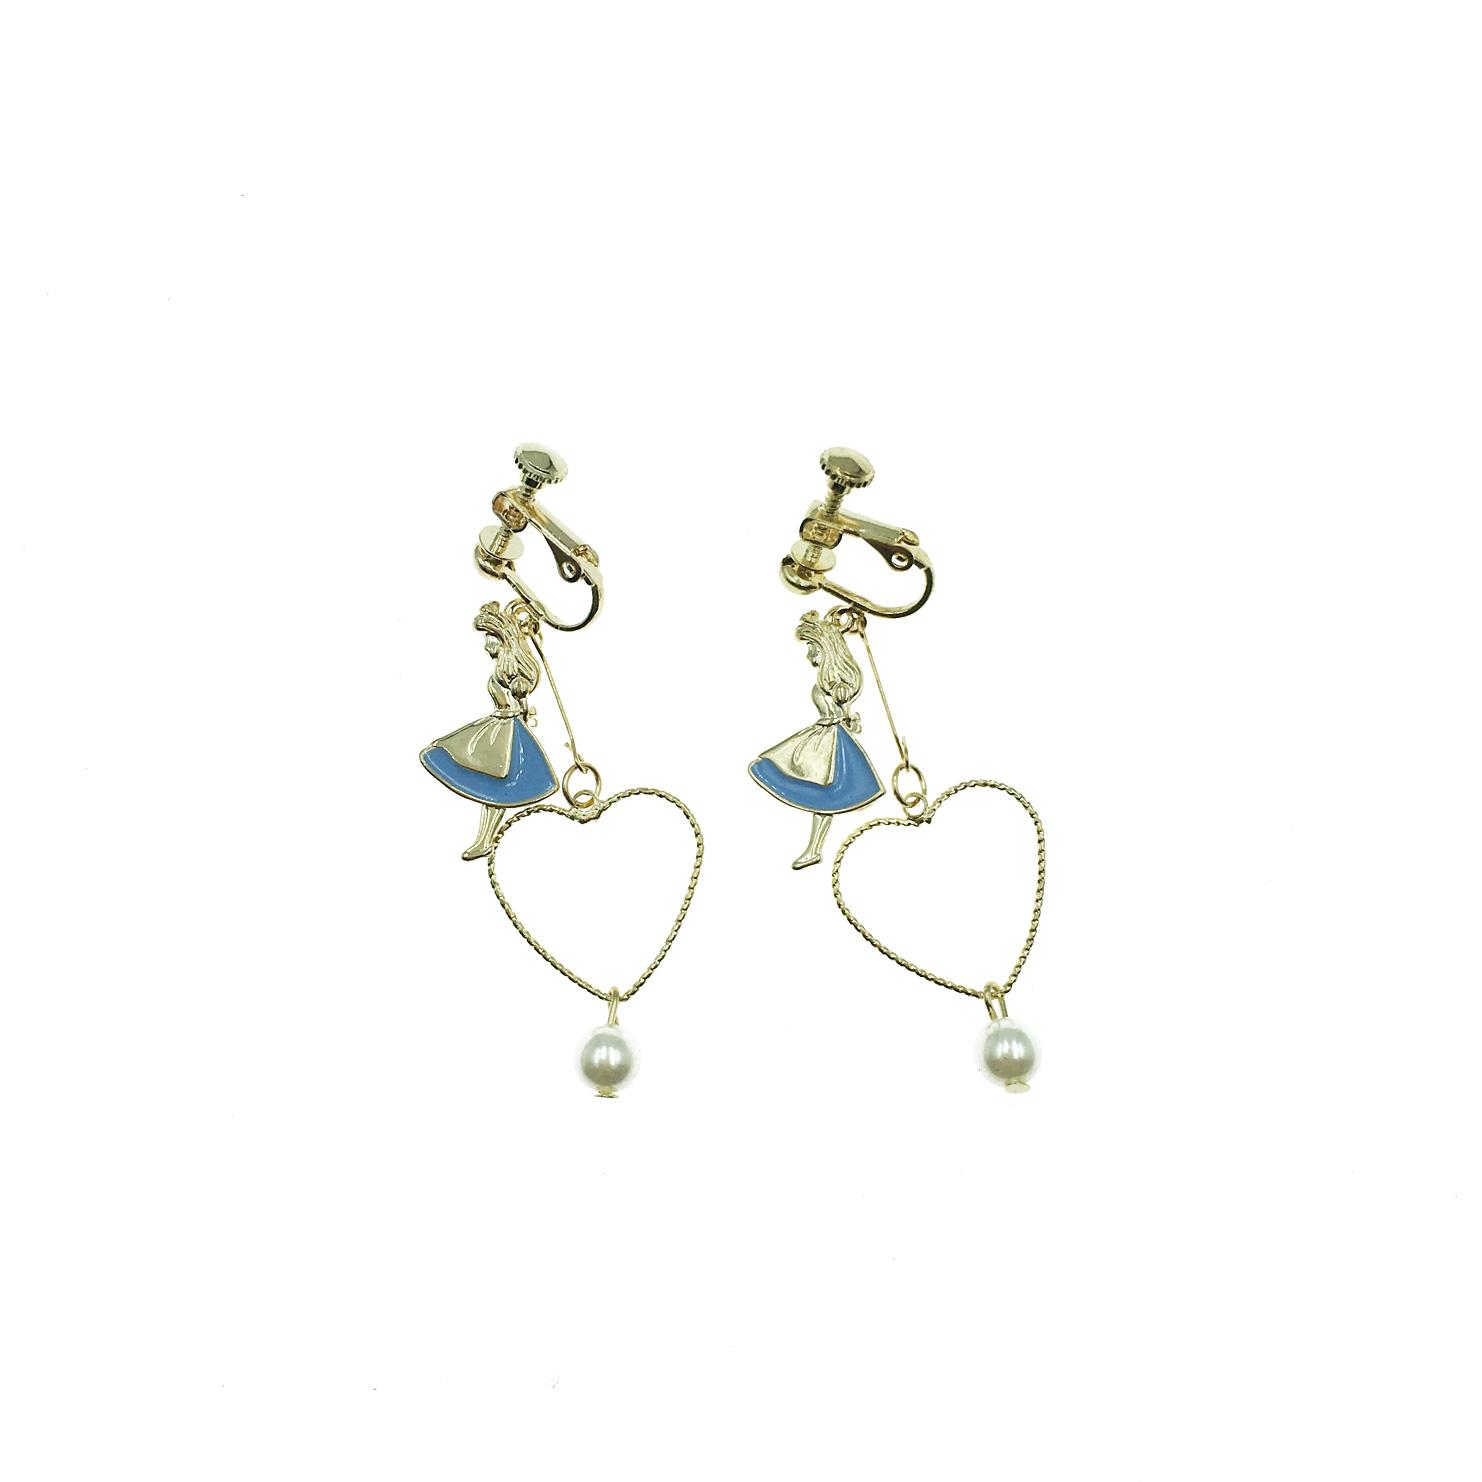 韓國 愛麗絲 簍空愛心 珍珠 吊墜 夾式耳環